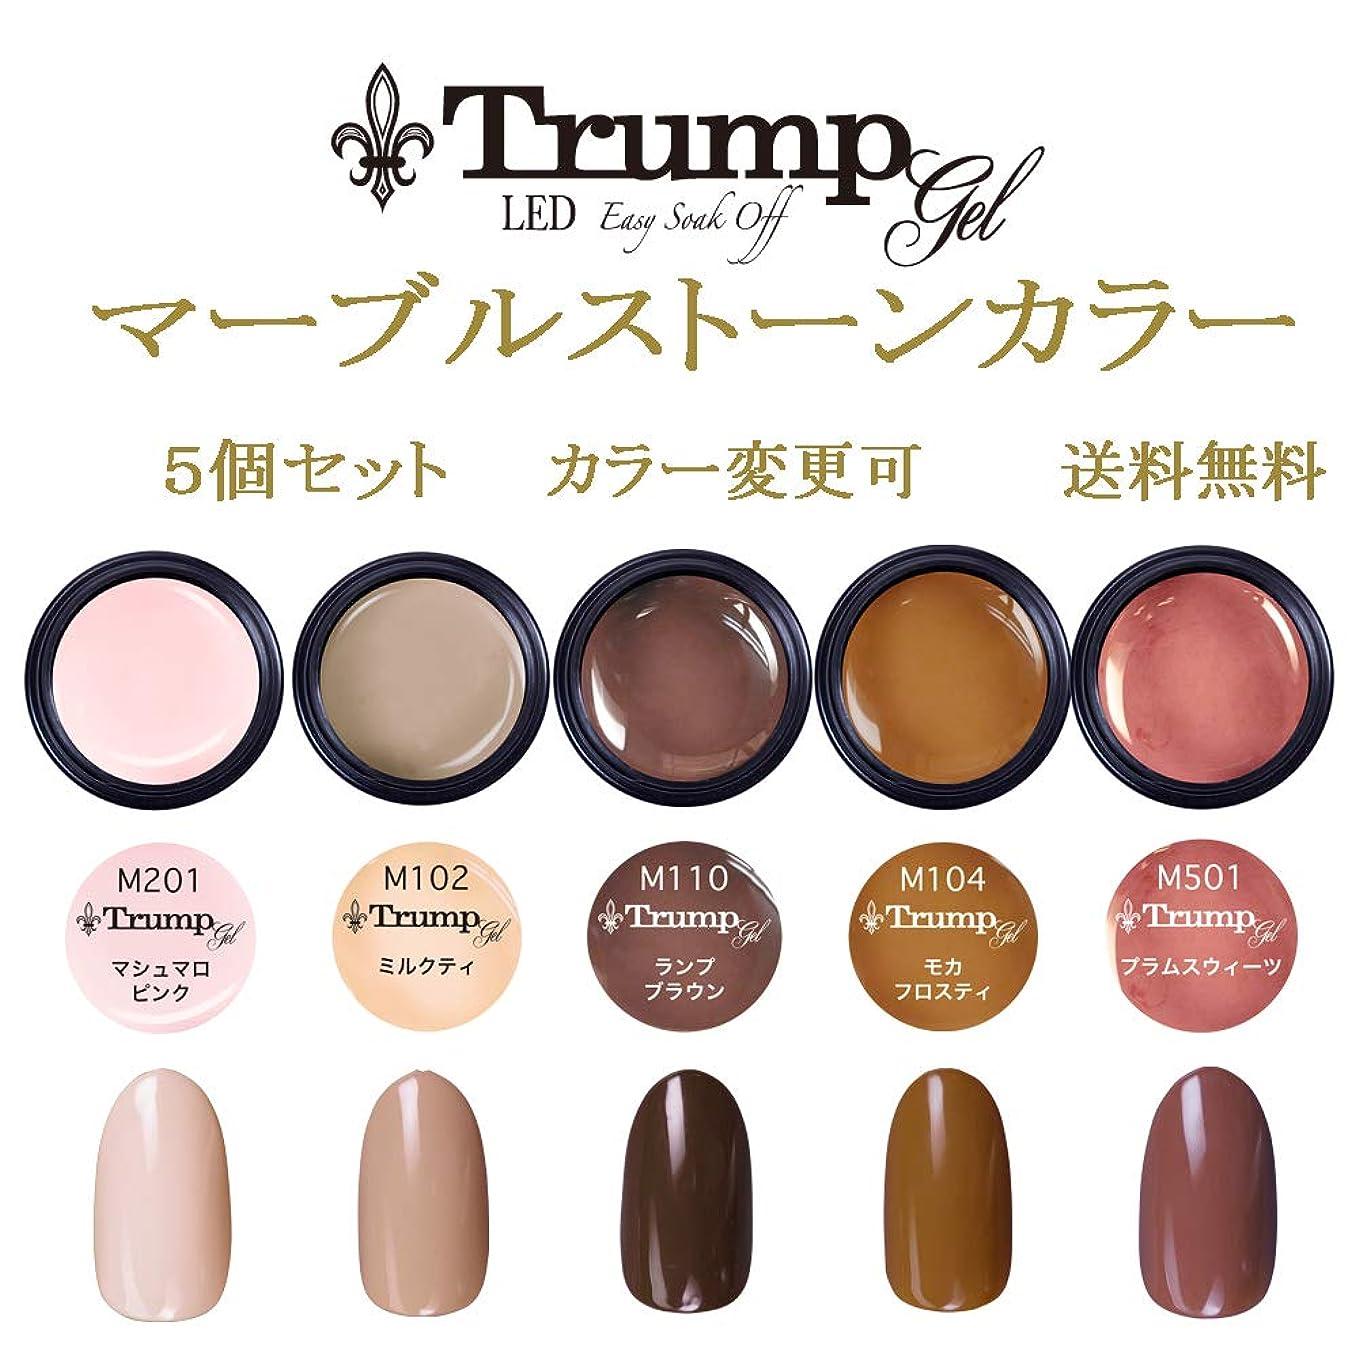 皮肉出くわすメナジェリー【送料無料】日本製 Trump gel トランプジェル マーブルストーン カラージェル 5個セット 人気の大理石ネイルカラーをチョイス